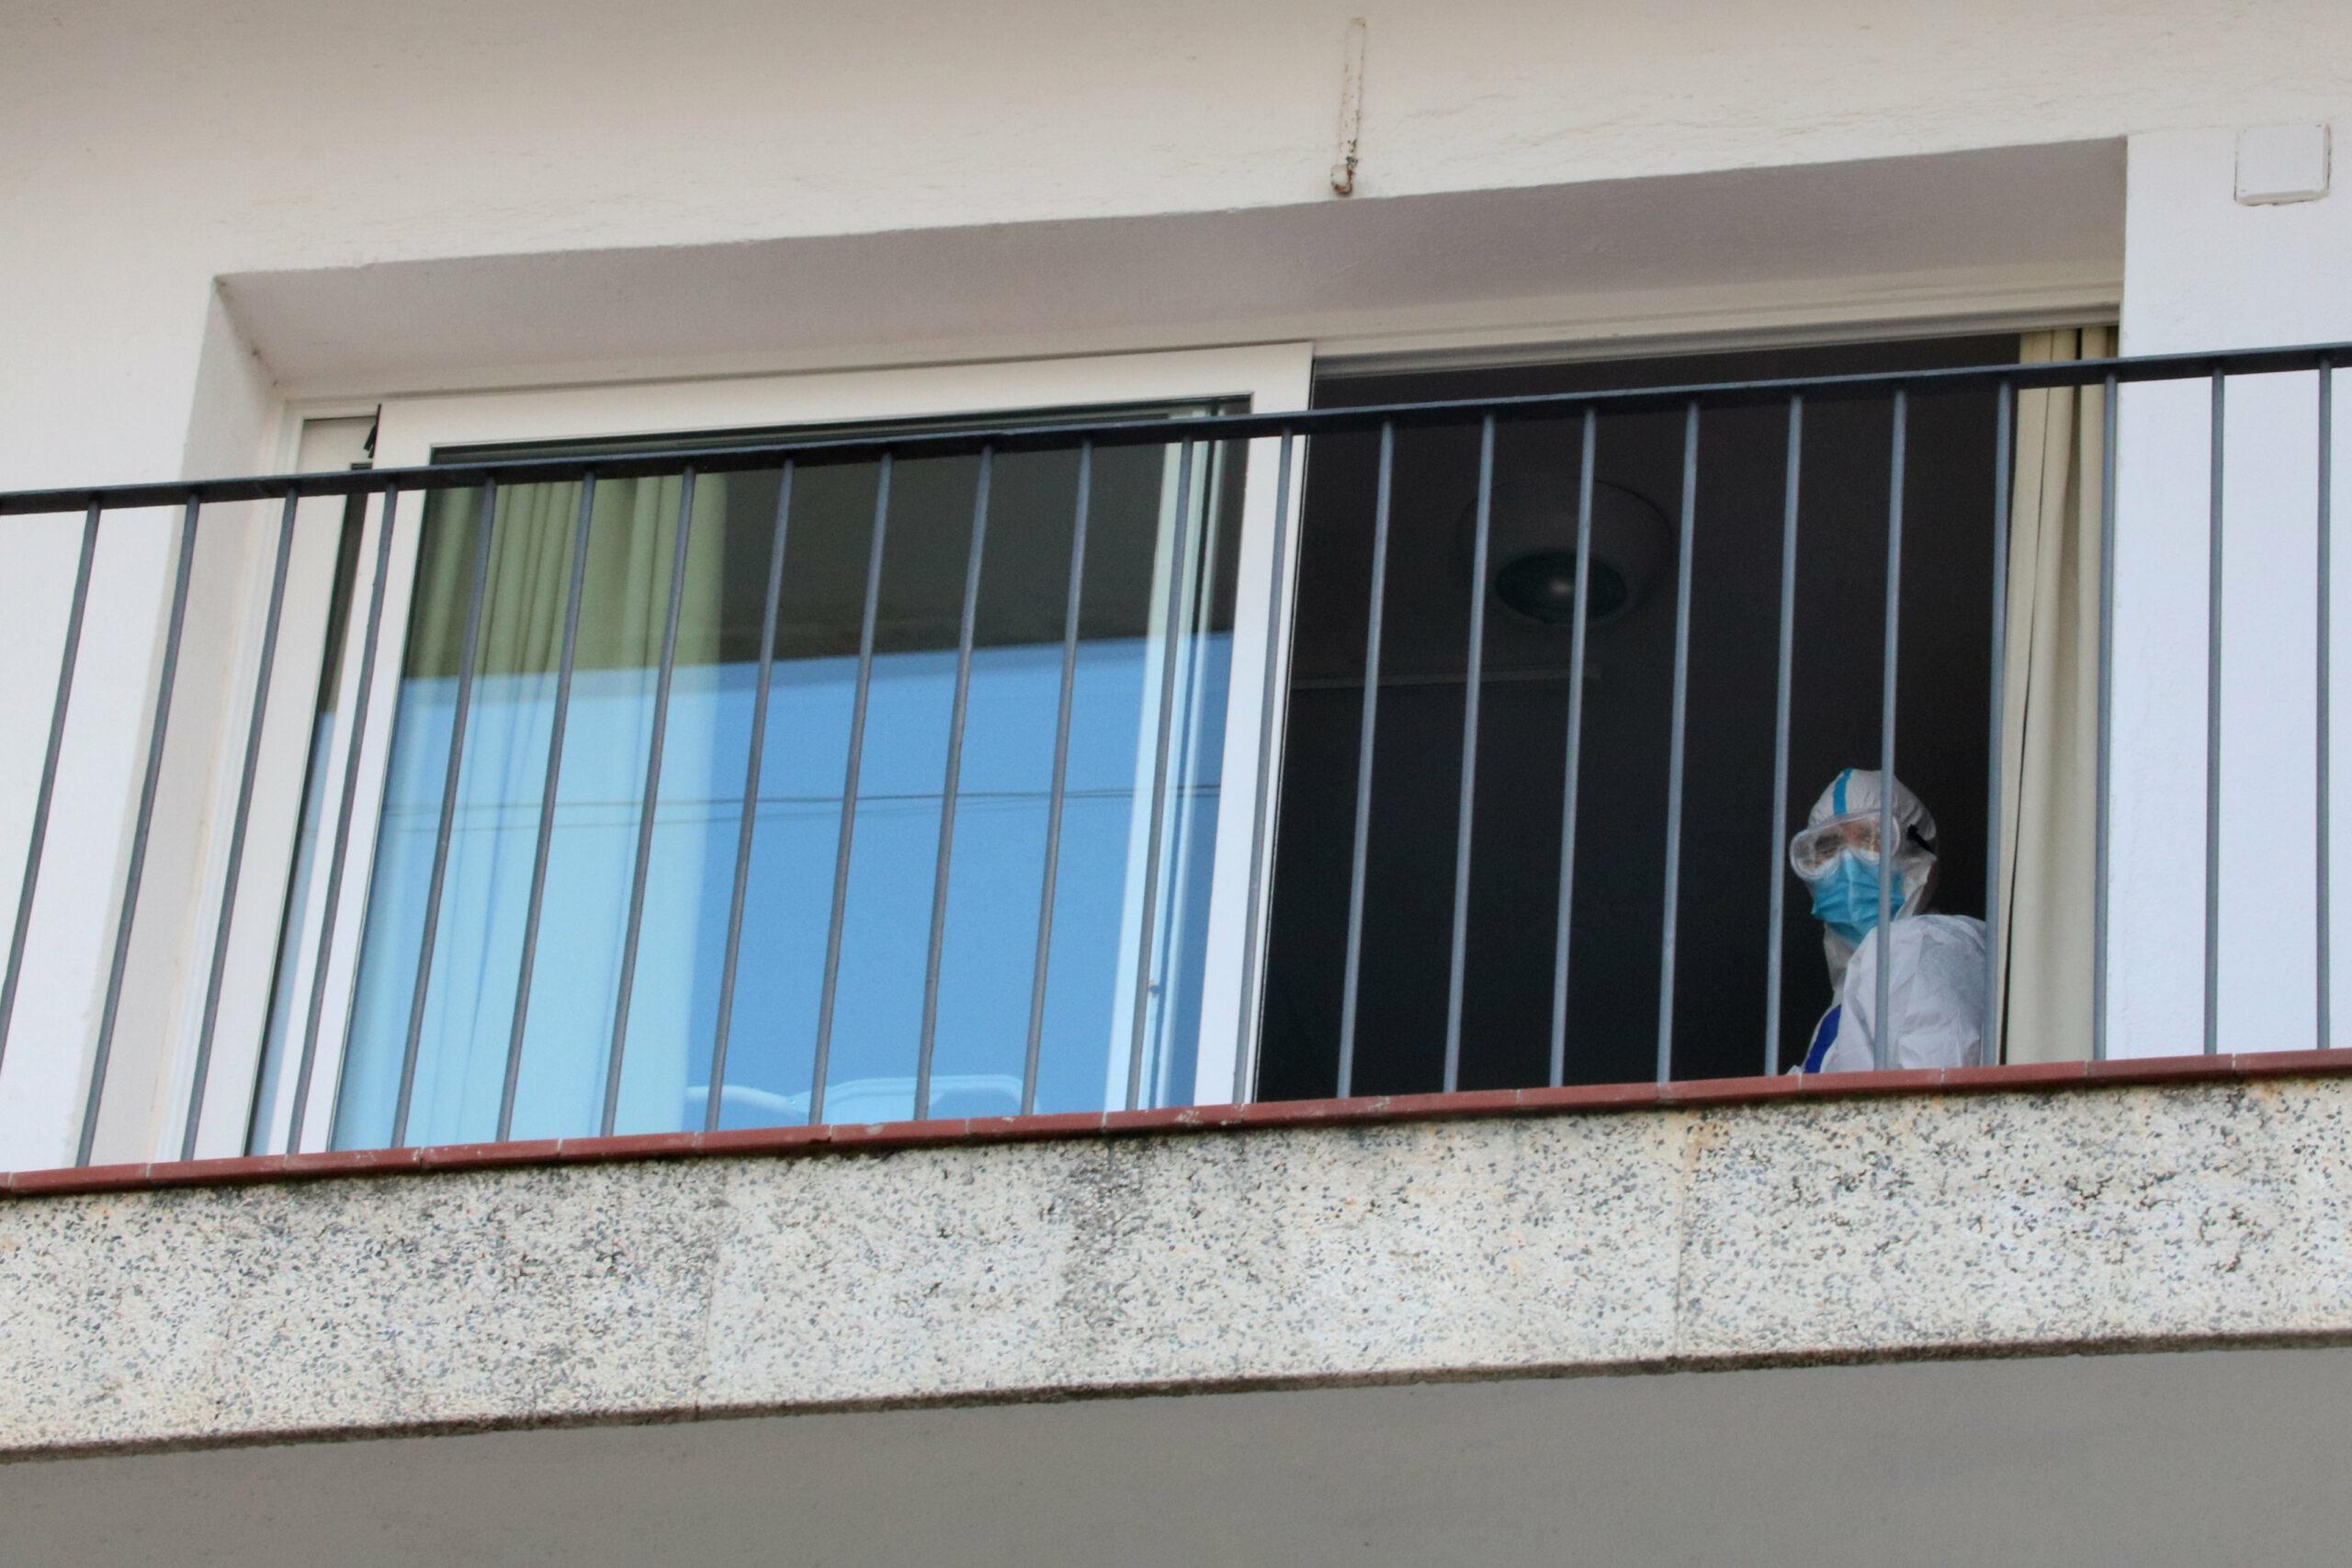 Imatge d'arxiu del balcó d'una habitació de la residència Calafell Park de Segur de Calafell, amb un treballador amb EPI sortint per la porta| ACN